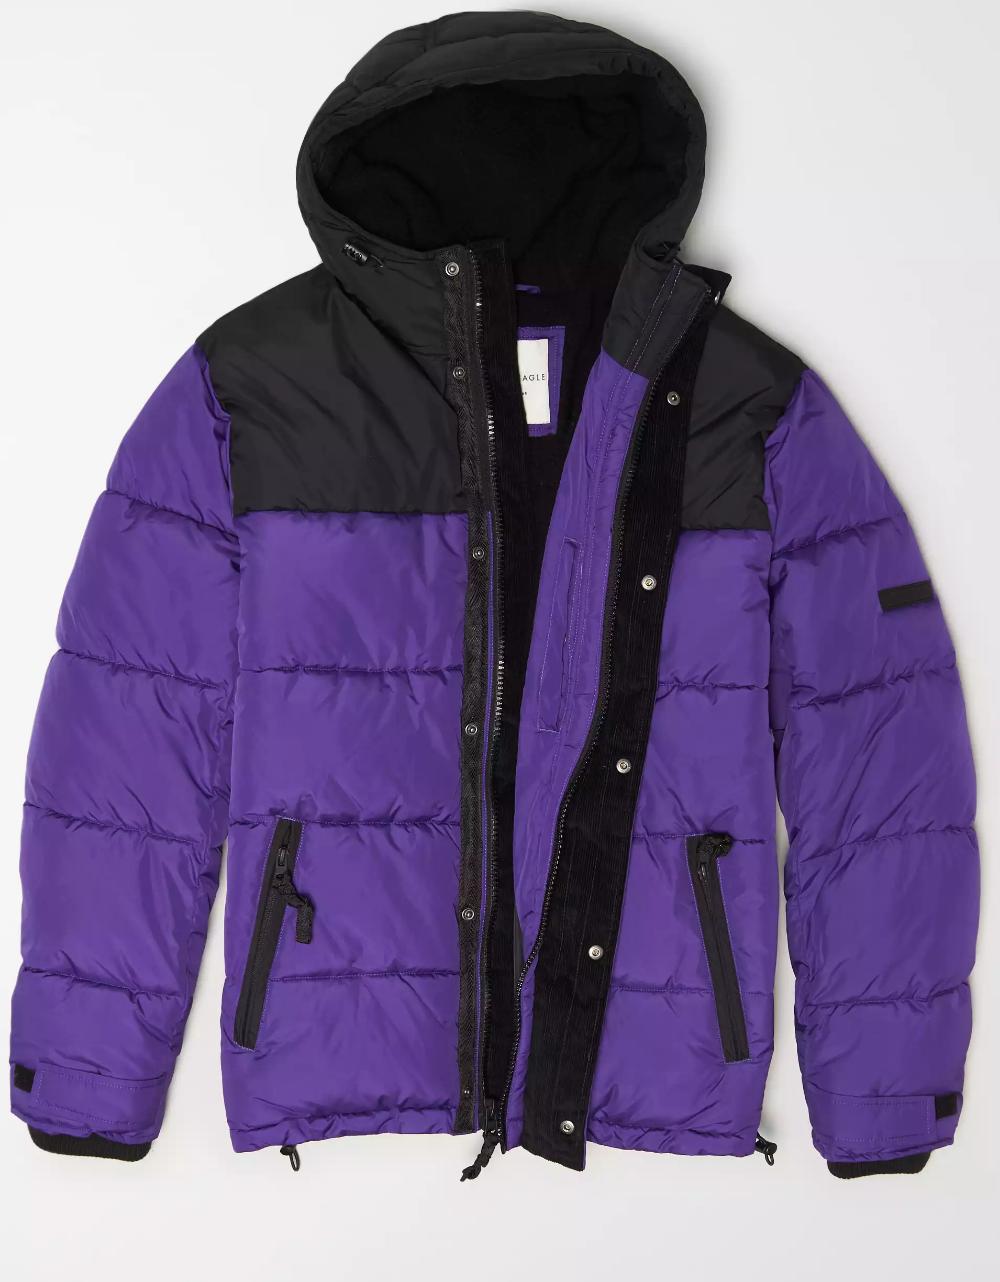 Ae Elevated Puffer Jacket Moda Femenina Moda Femenina [ 1282 x 1000 Pixel ]